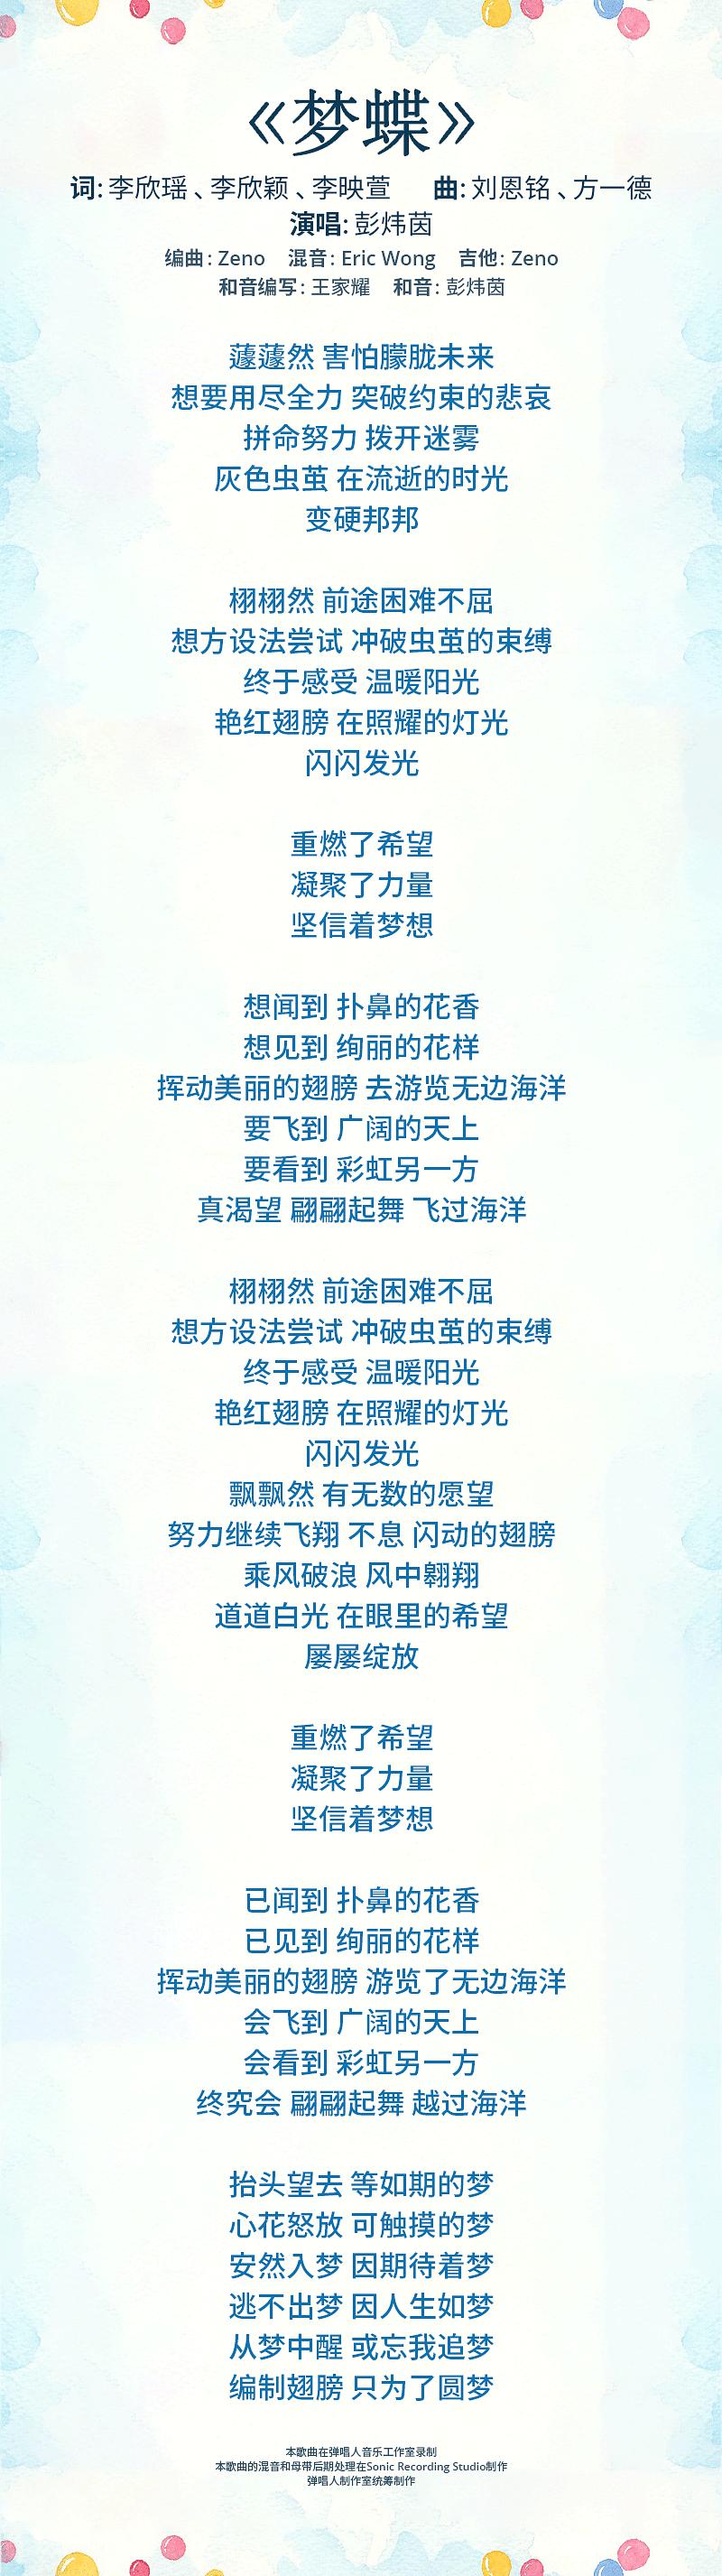 meng-die-lyrics-mobile.png